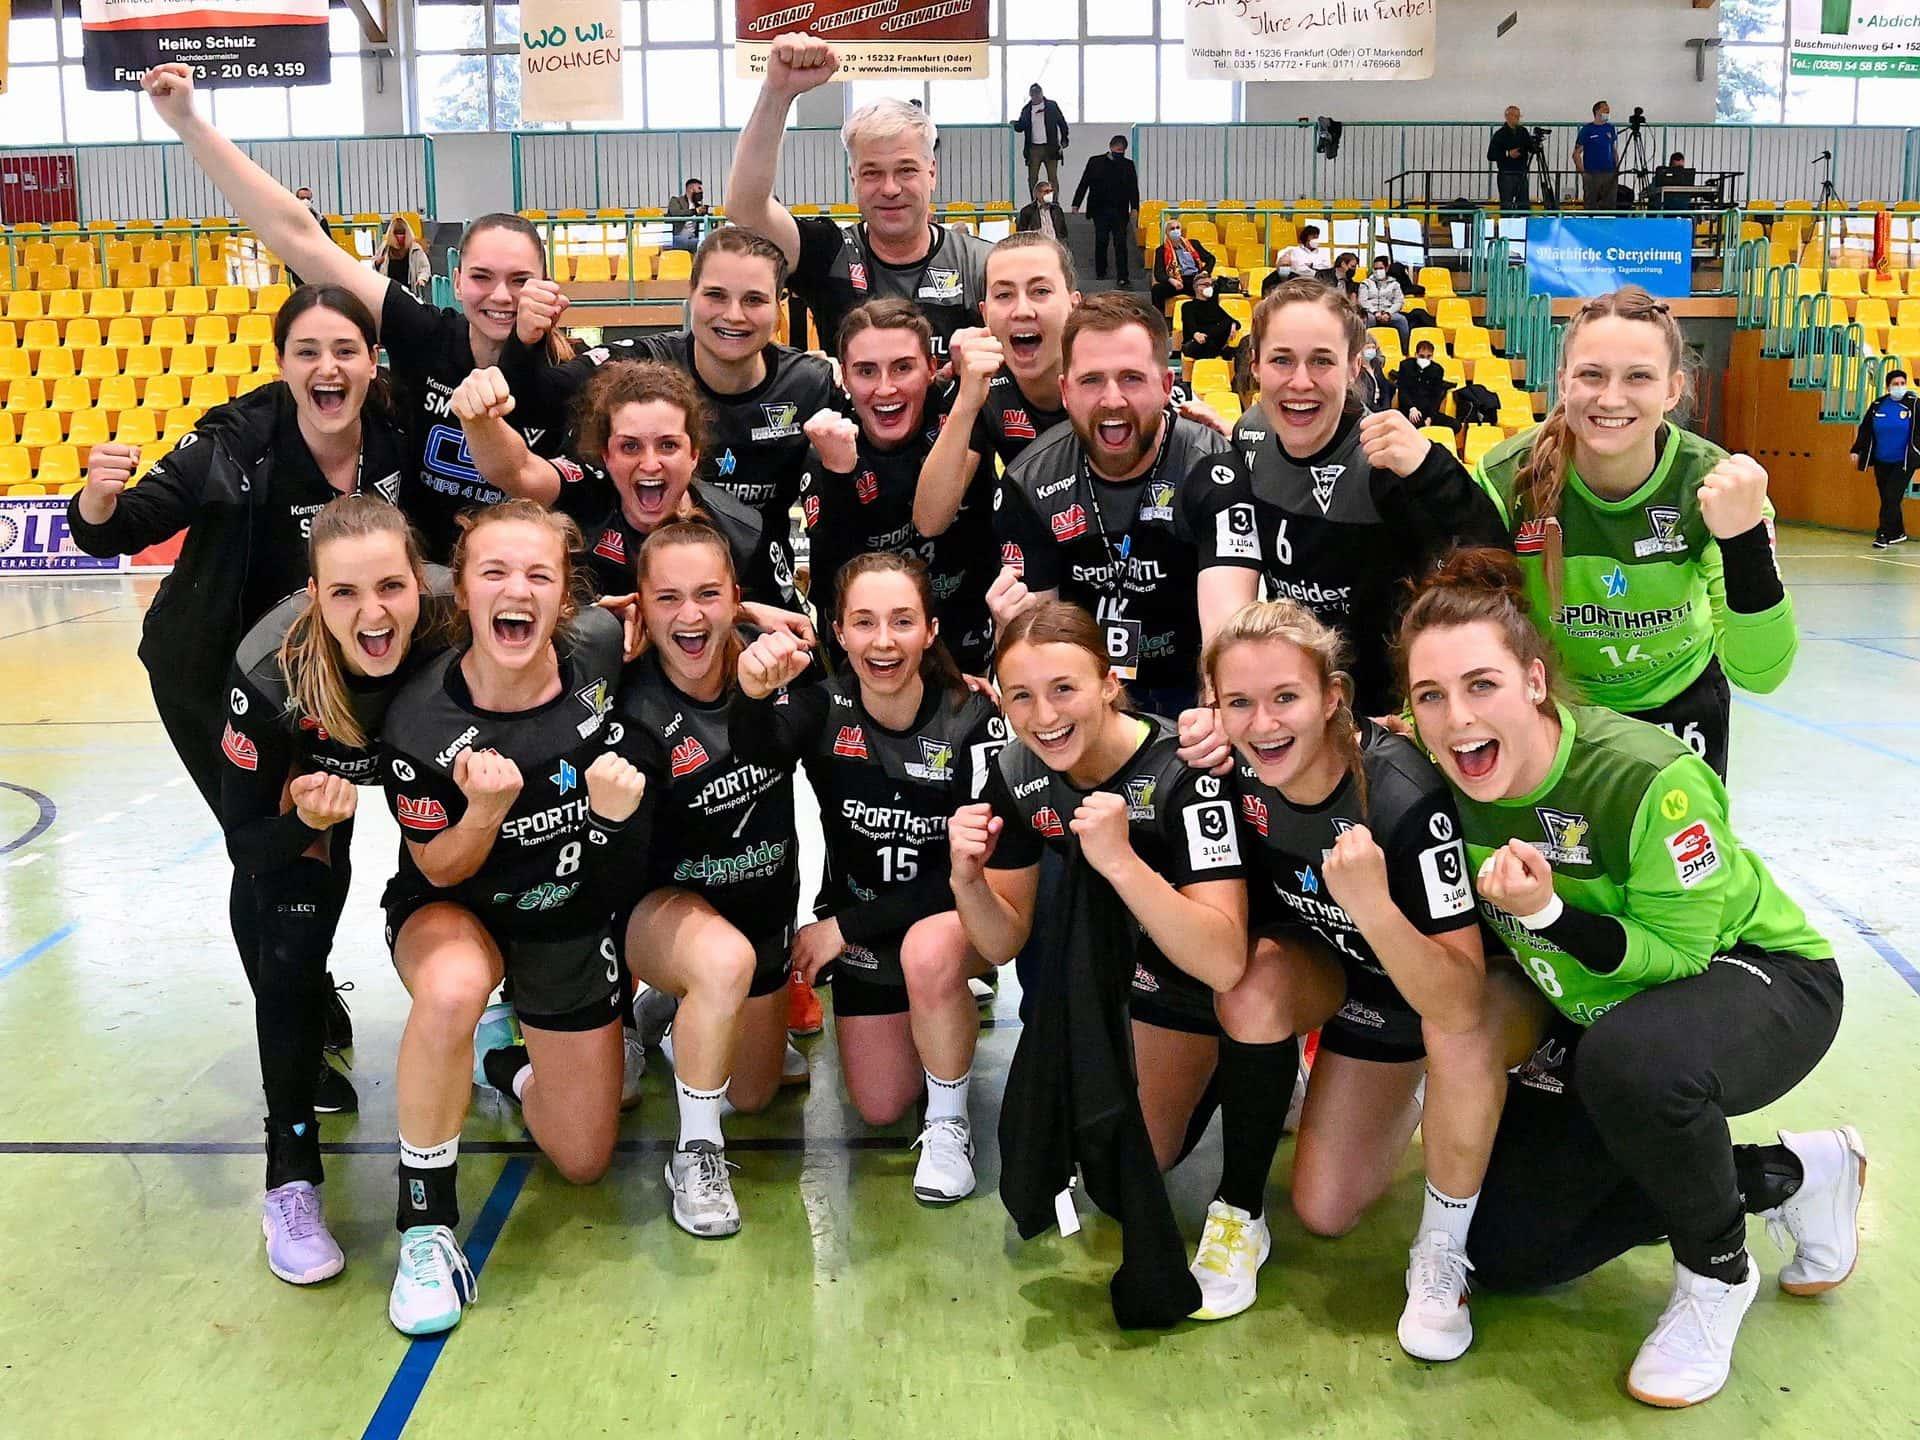 Bunker Ladies nehmen erste Hürde im Aufstieg zur 2. Bundesliga ESV-Handball-Damen gewinnen mit klarem 29:20 (18:9) beim Frankfurter HC